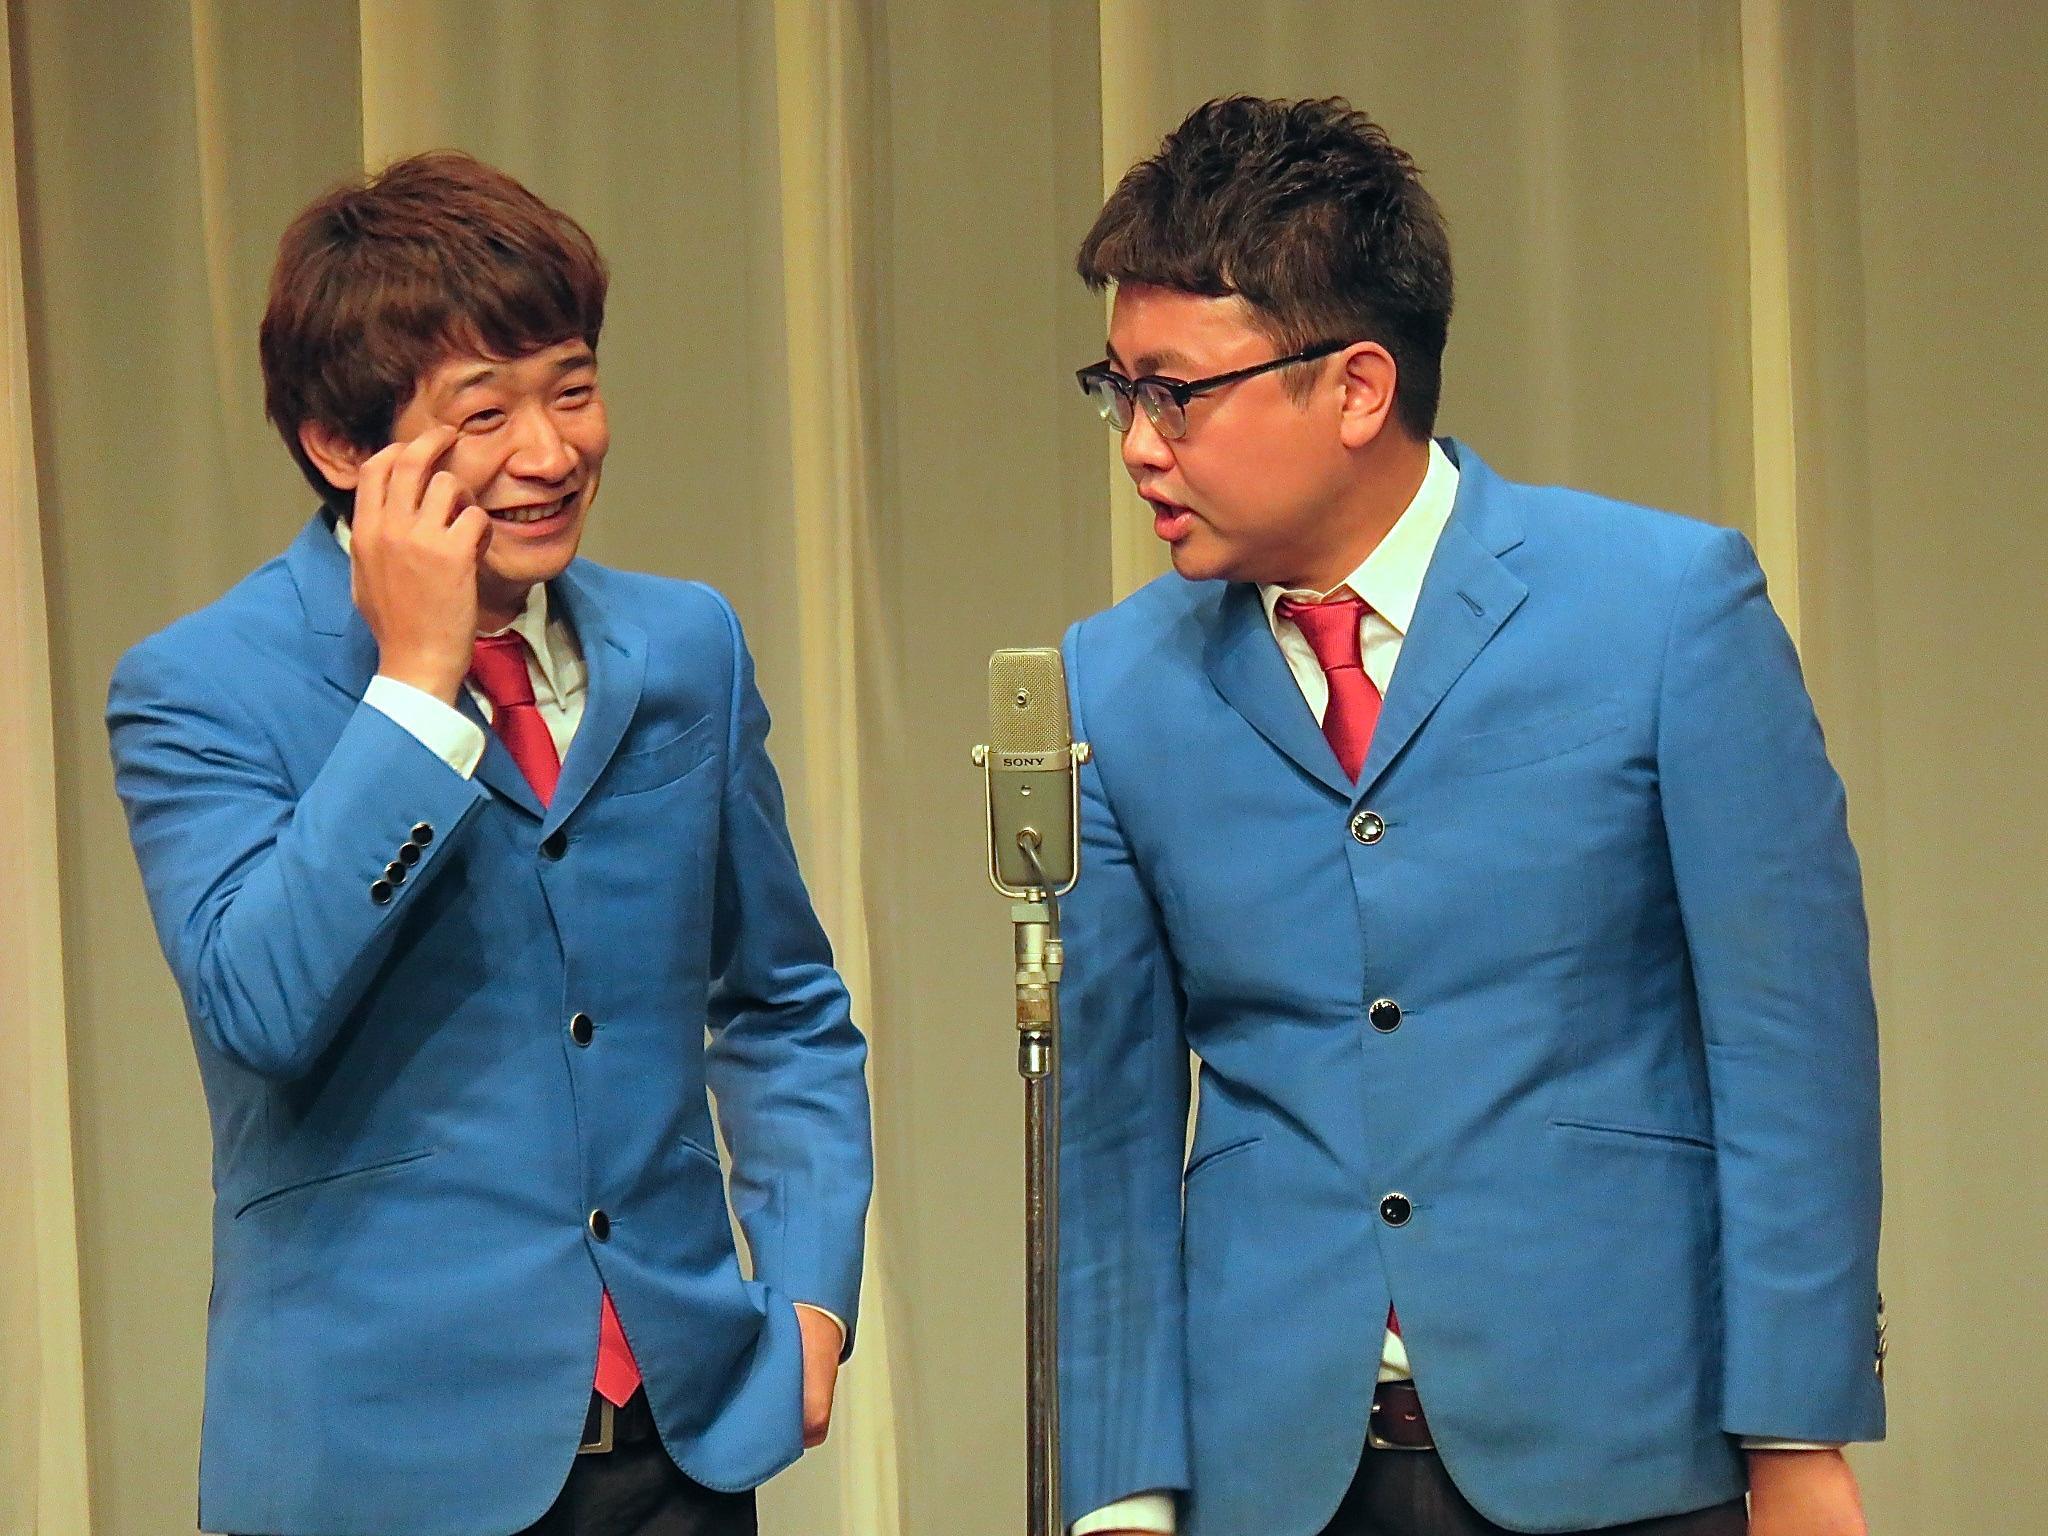 http://news.yoshimoto.co.jp/20171010202747-119b8a4cf85dc508bdb6709c6218490cbc8e0f50.jpg